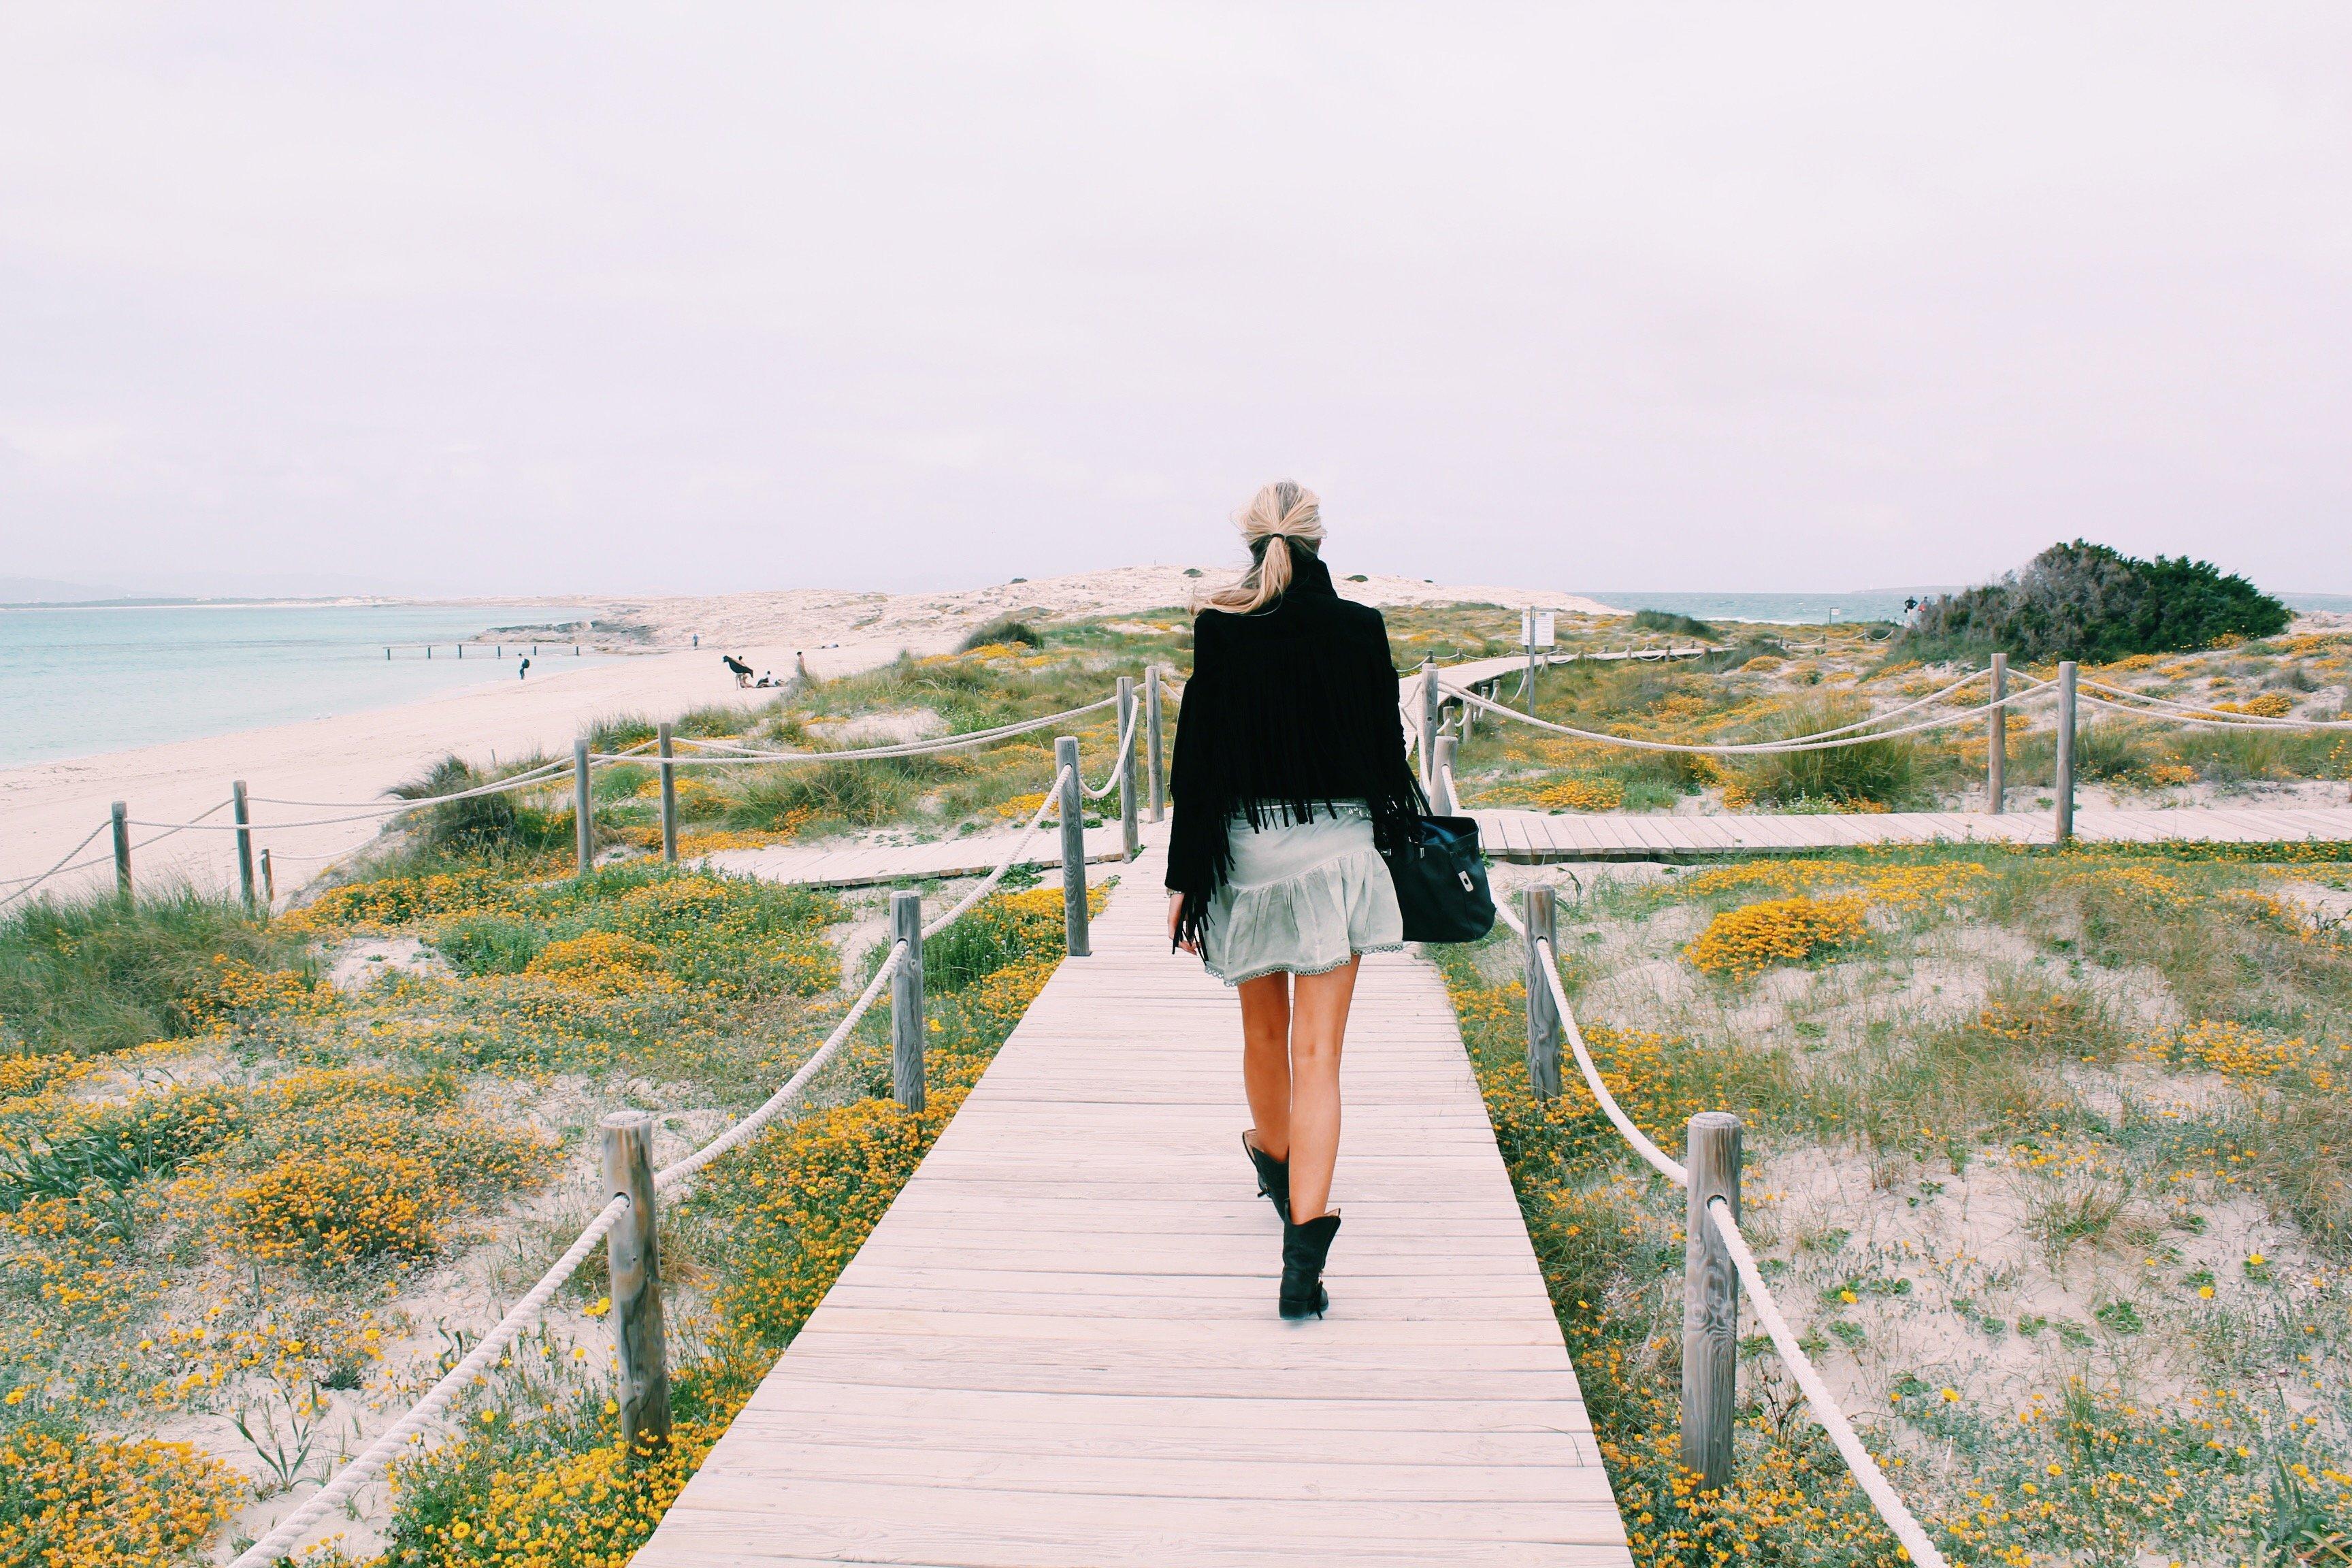 Playa De Ses Illetes - Formentera - The Good Rogue